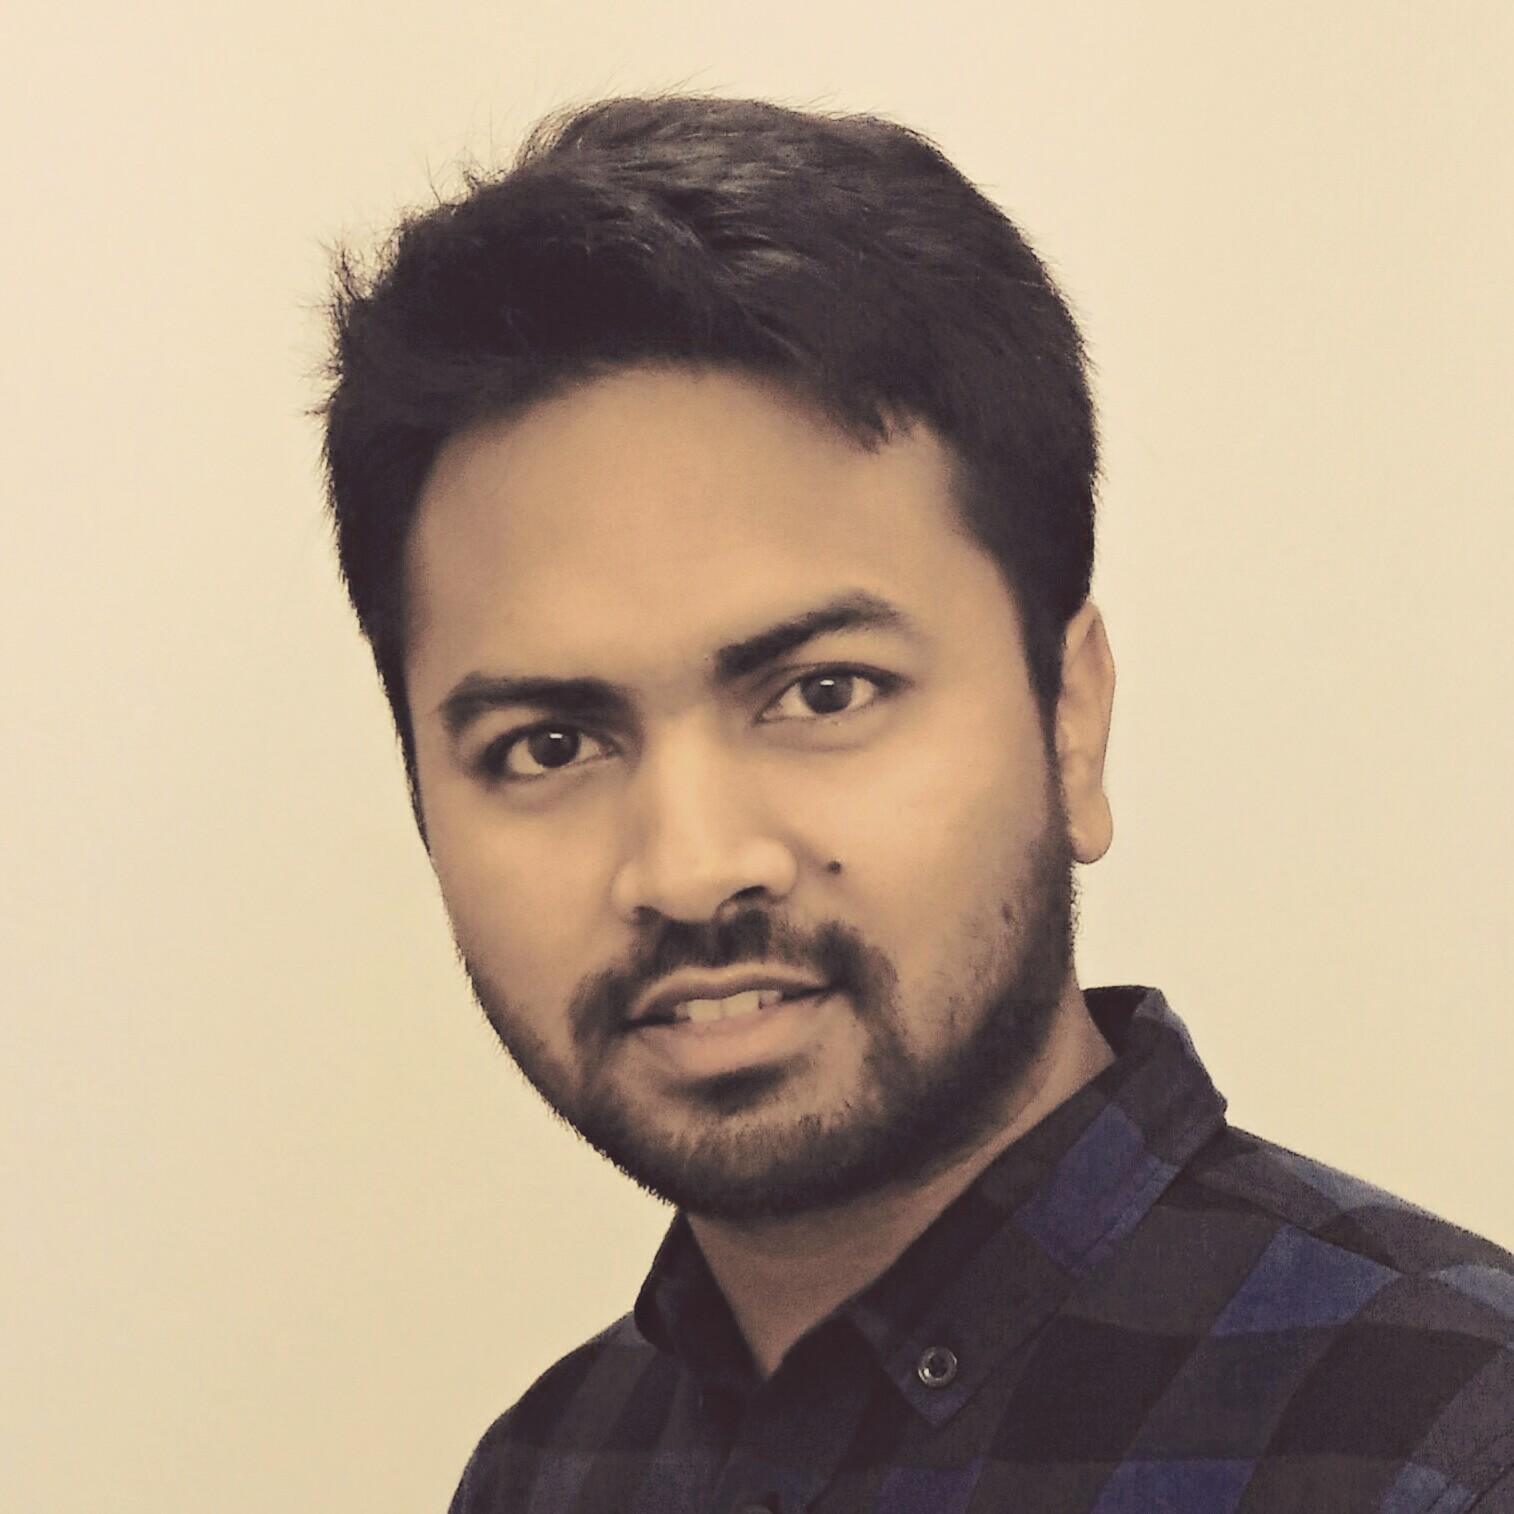 Touhid Rahman